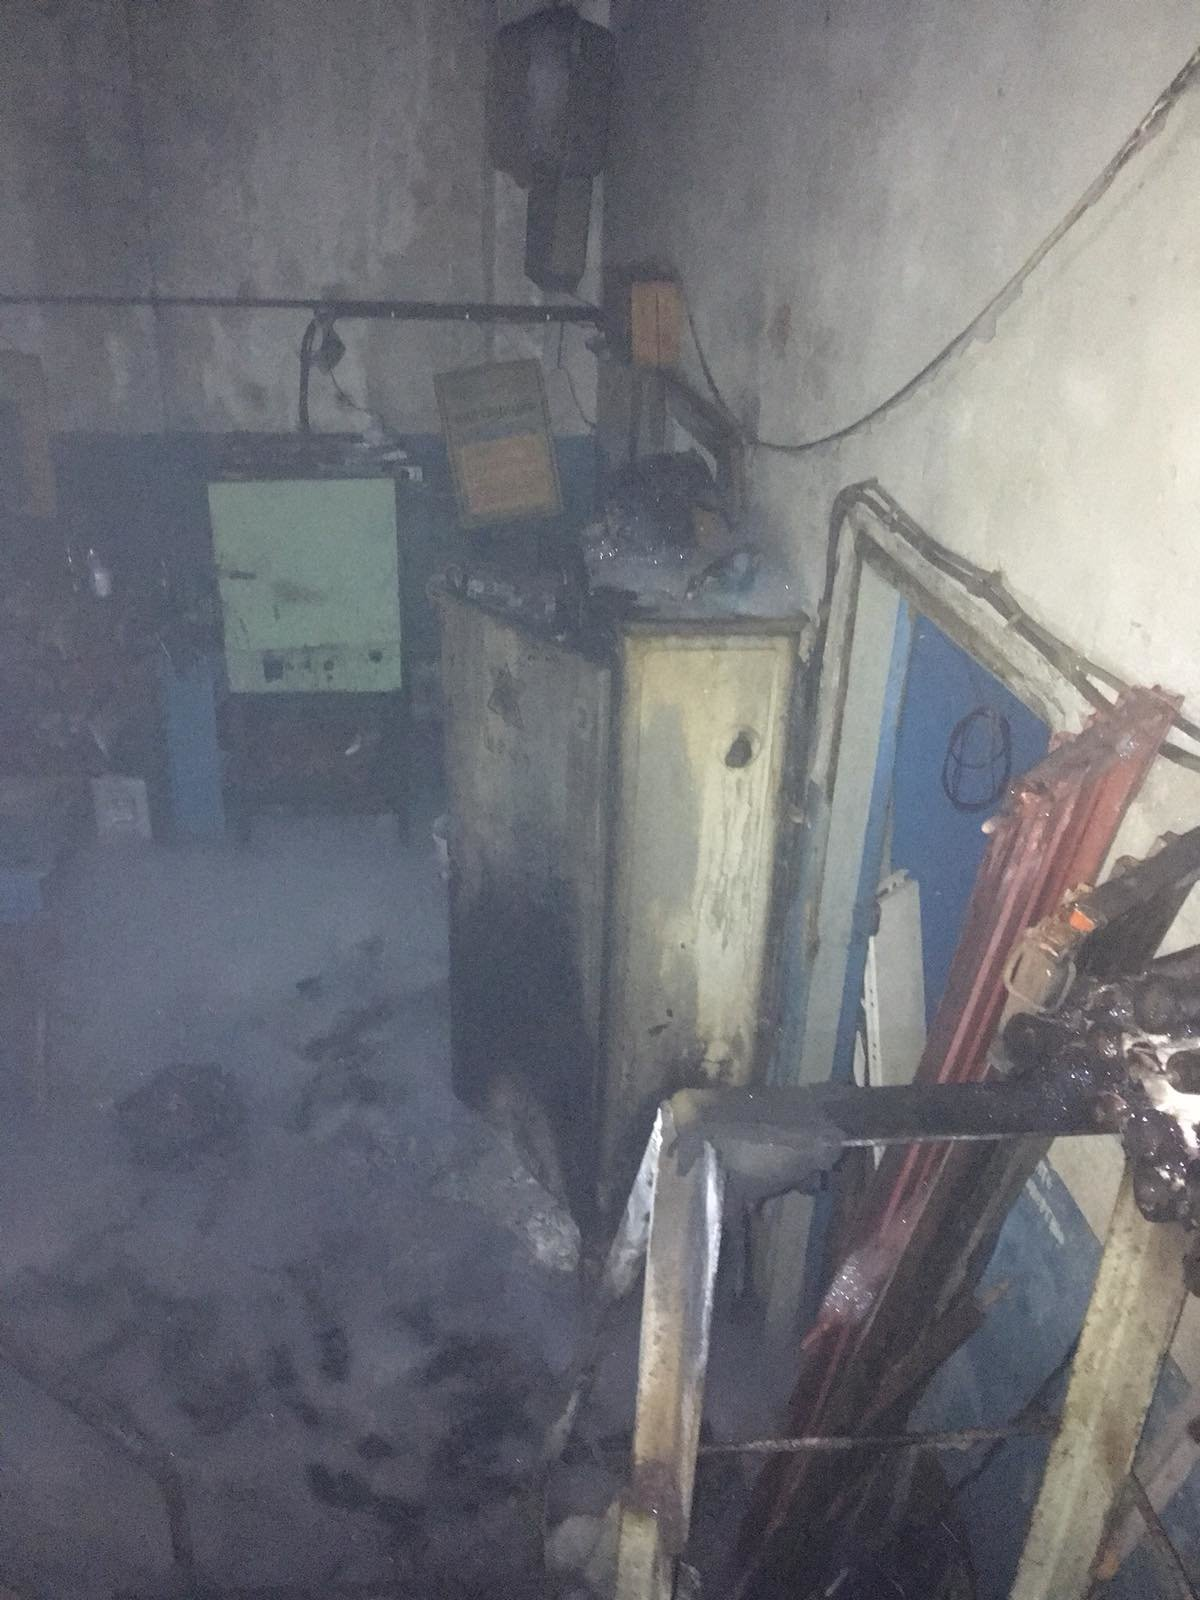 В центре Харькова горело нежилое здание. Спасатели вытащили из огня мужчину, - ФОТО, фото-2